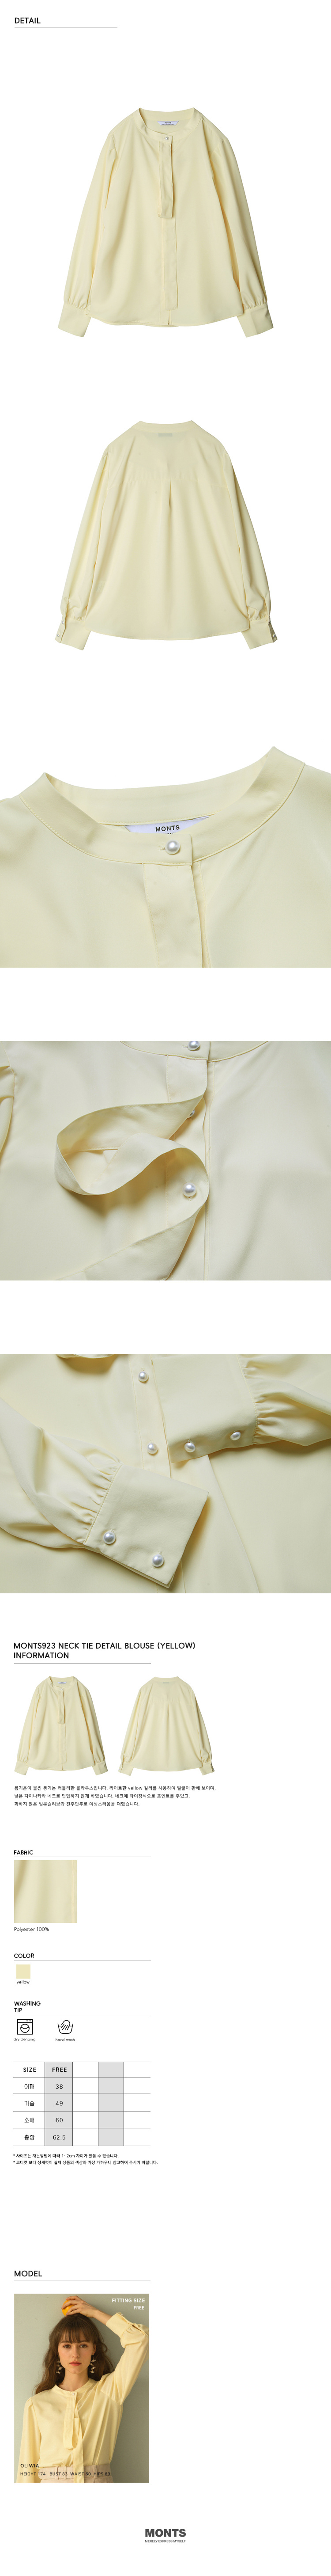 몬츠(MONTS) 923 neck tie detail blouse (yellow)